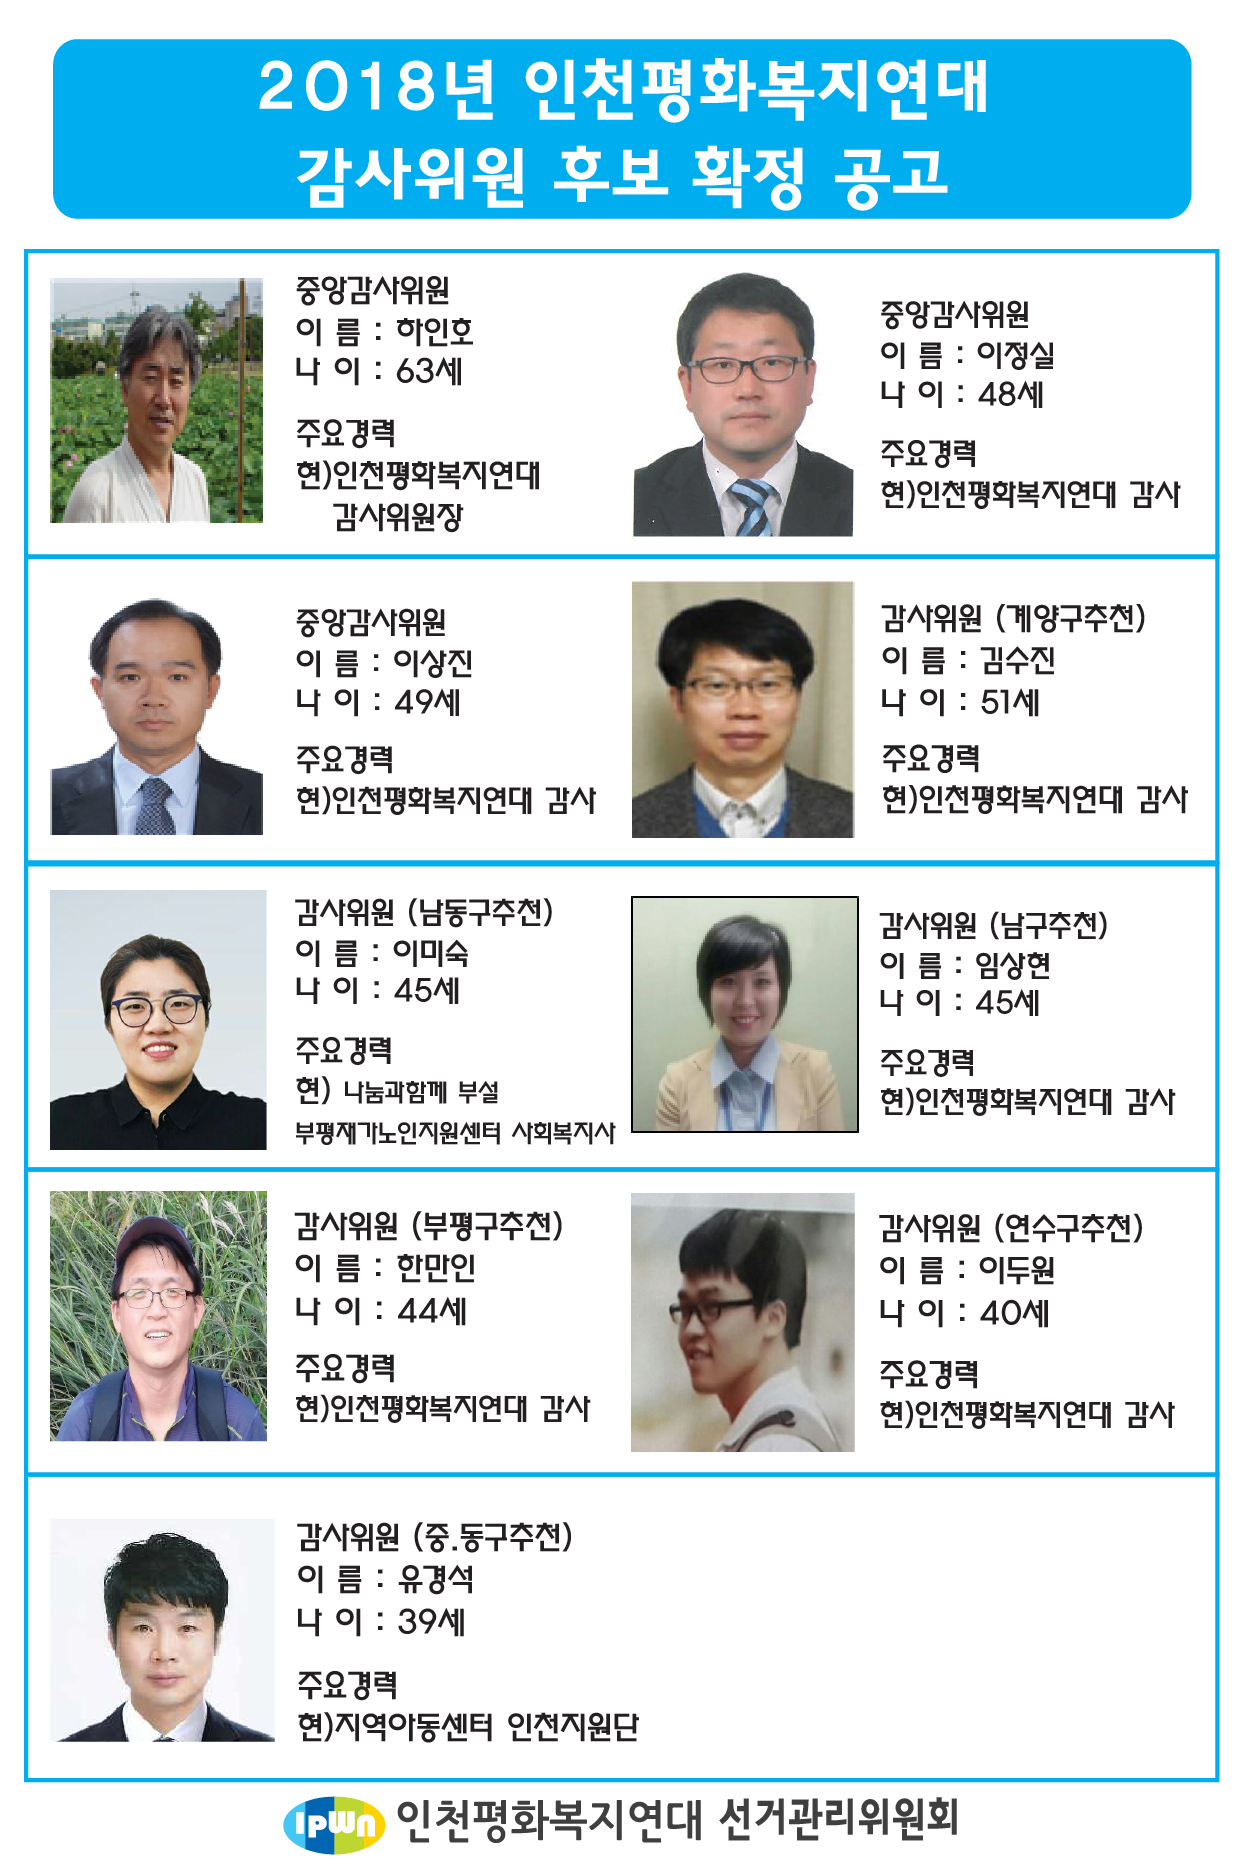 2018인천평화복지연대 감사위원 후보 공고.png